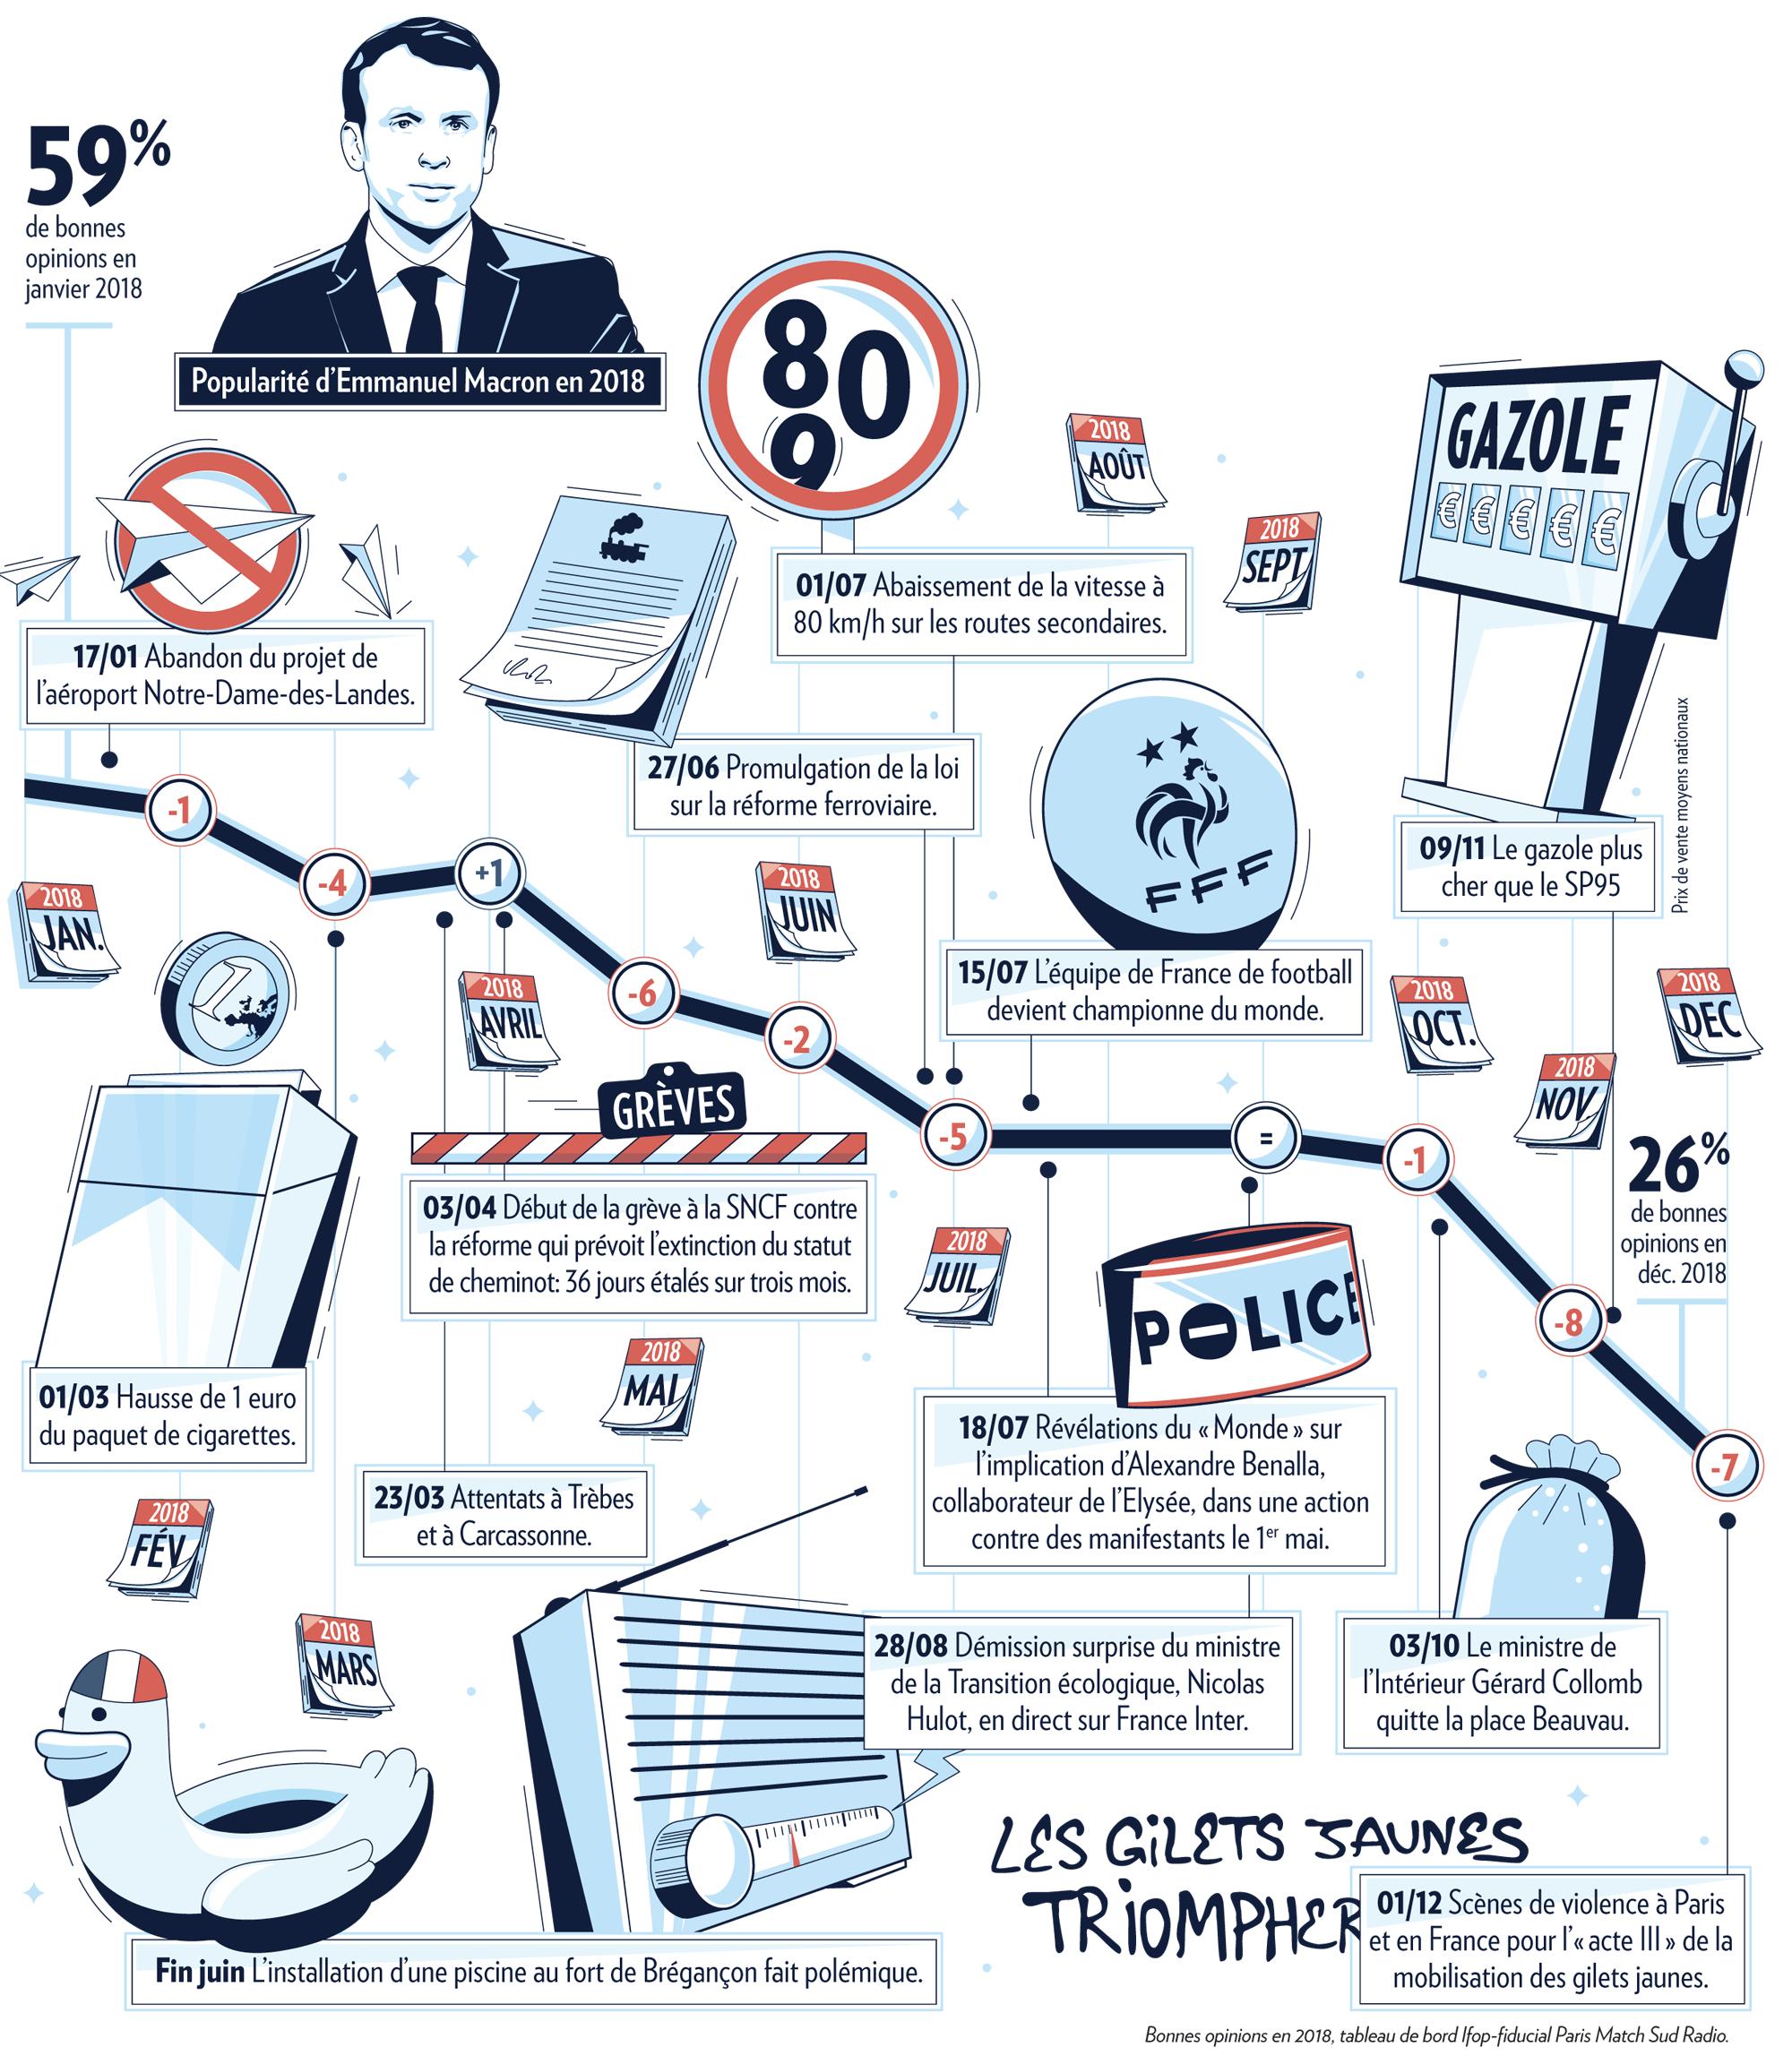 Infographie courbe de popularité Ifop d'Emmanuel Macron